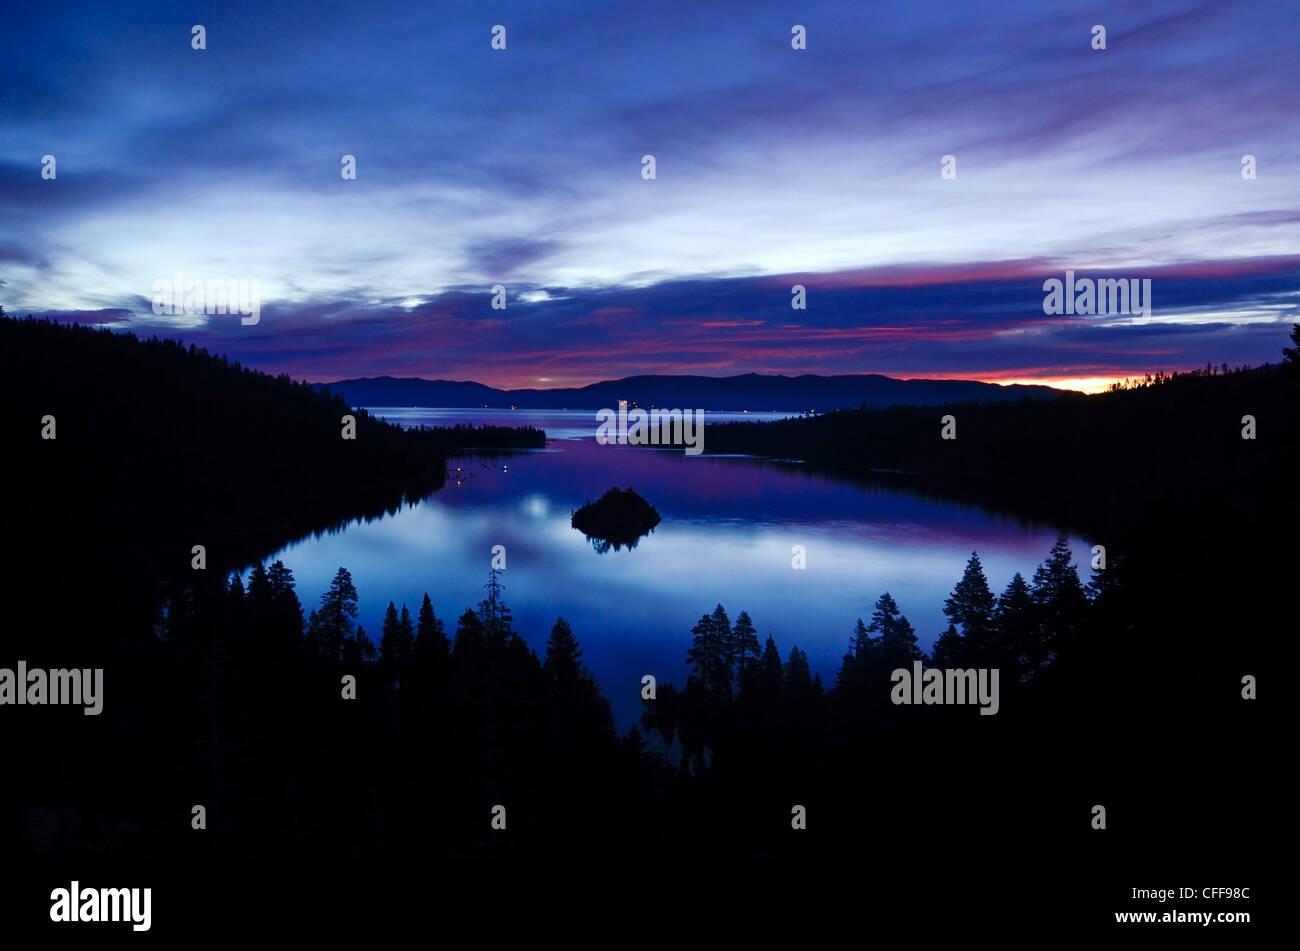 Une vue de l'aube Emerald Bay juste avant le lever du soleil dans le lac Tahoe, en Californie. Photo Stock